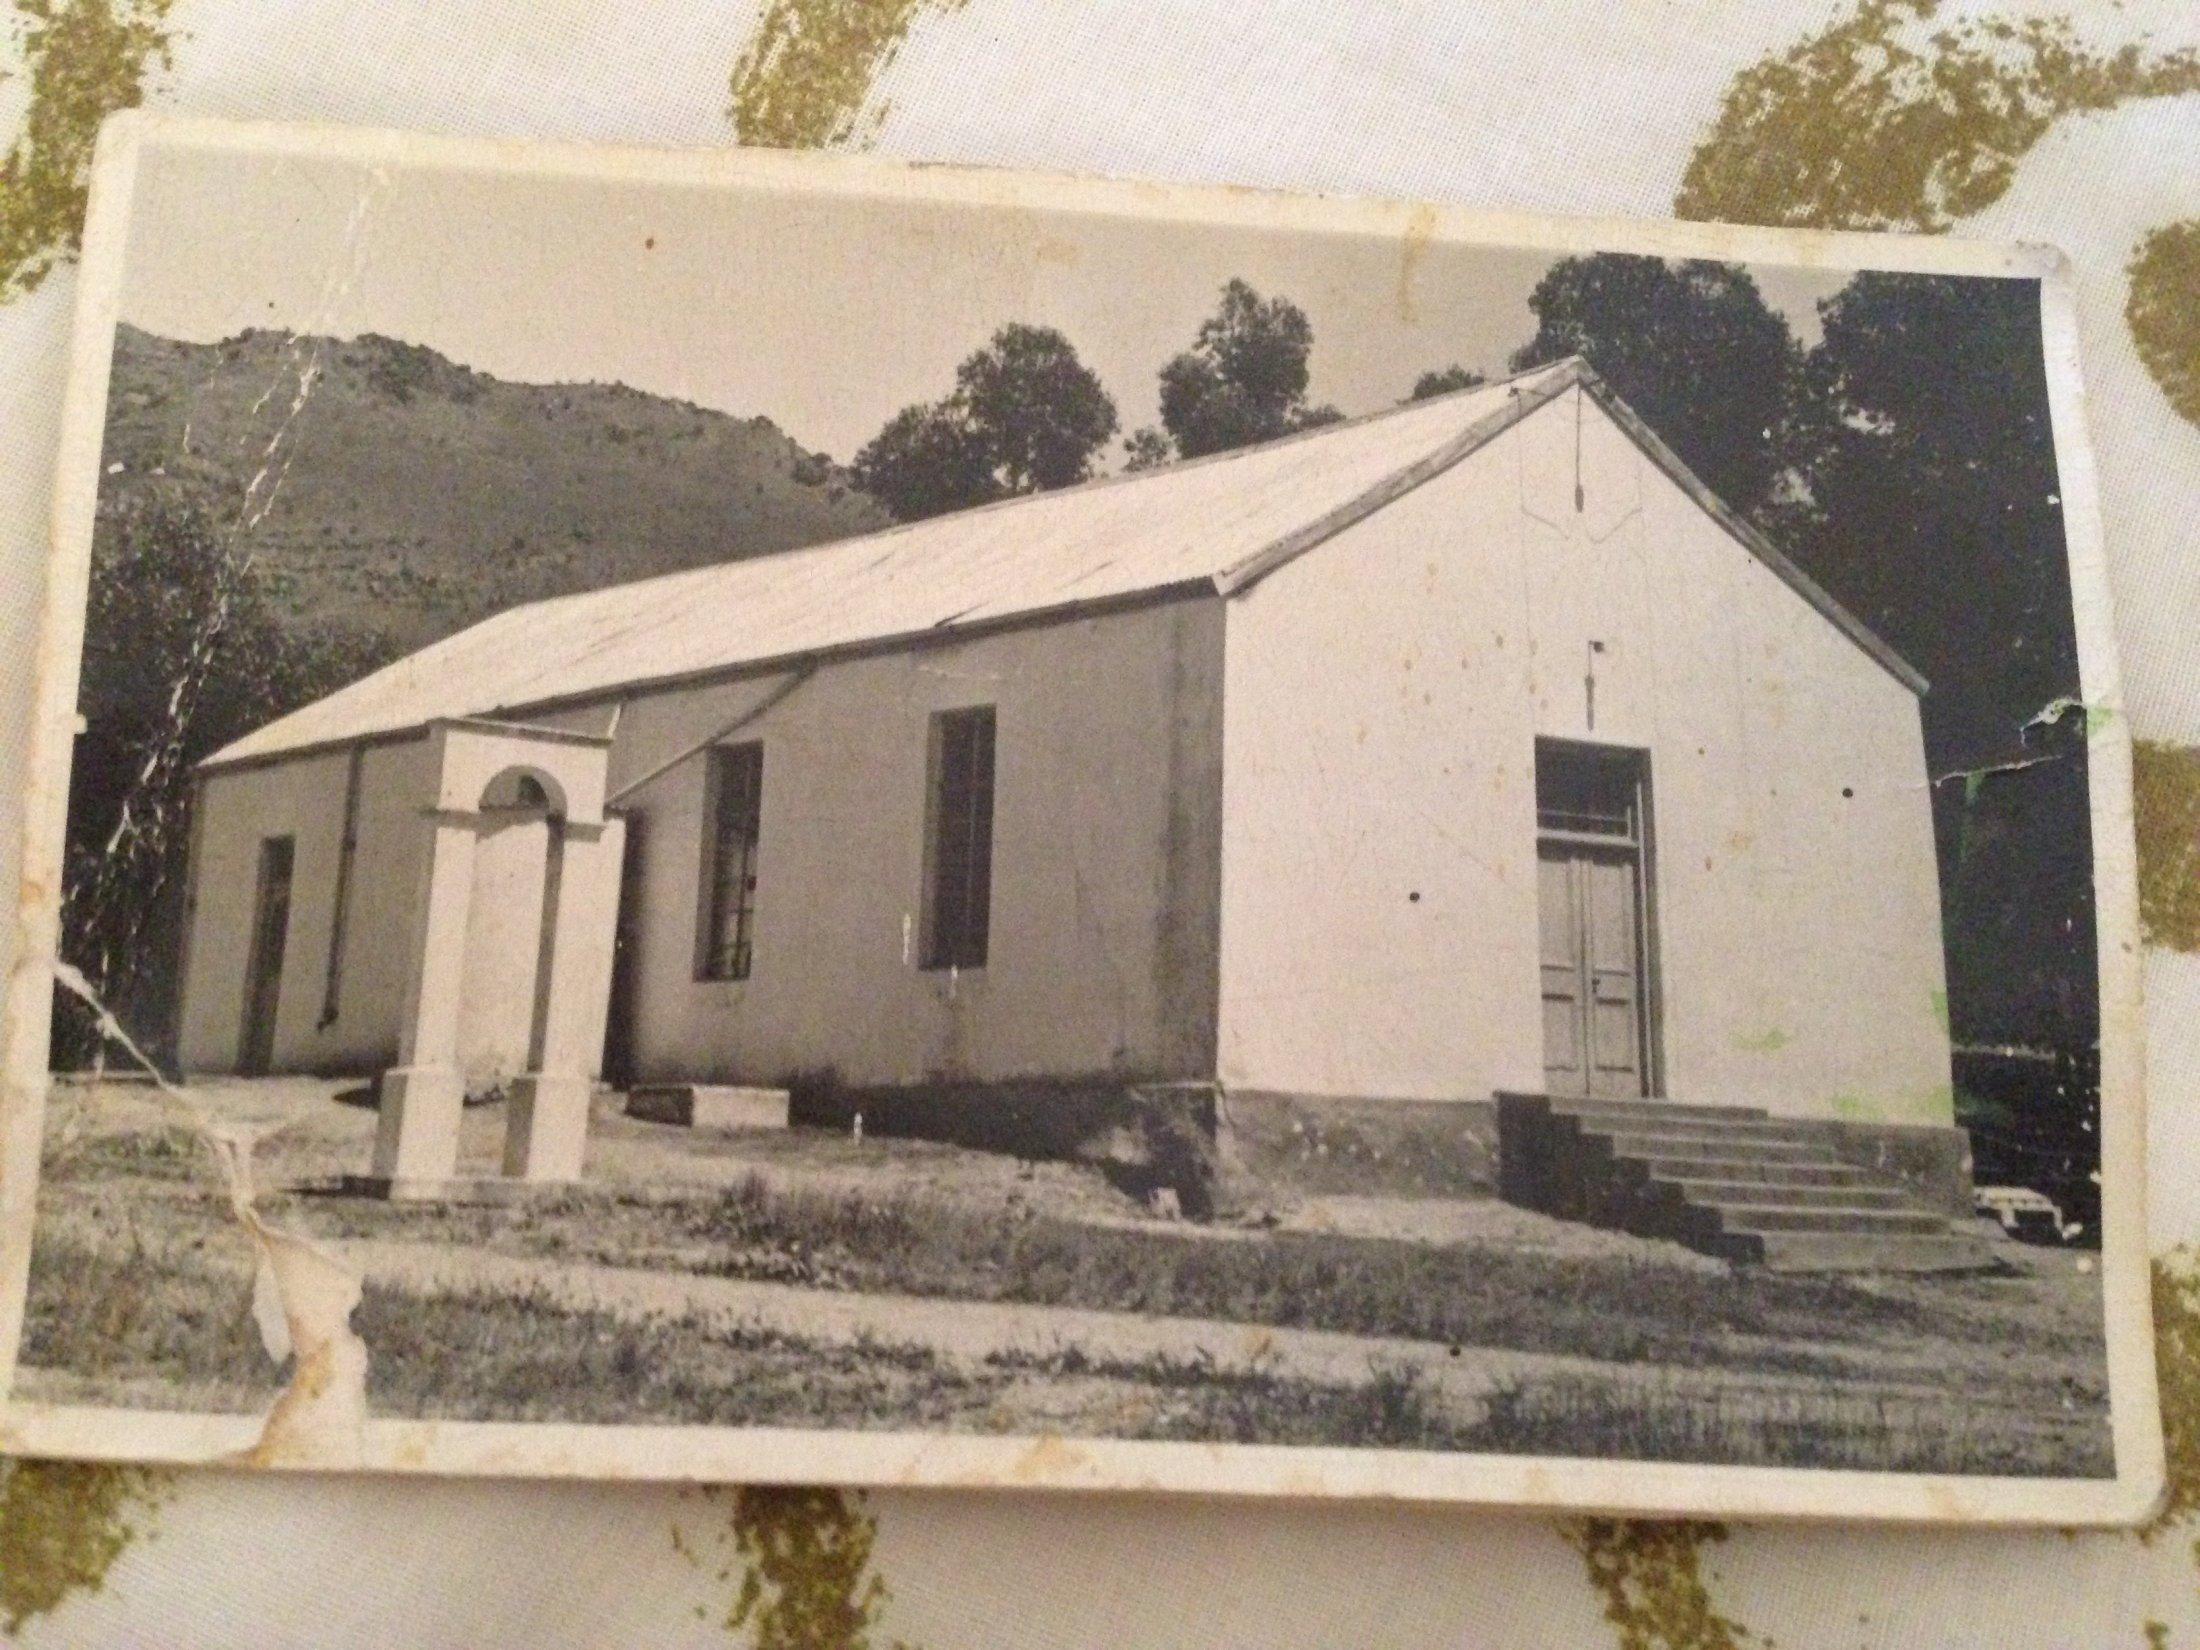 The NG Mission Church